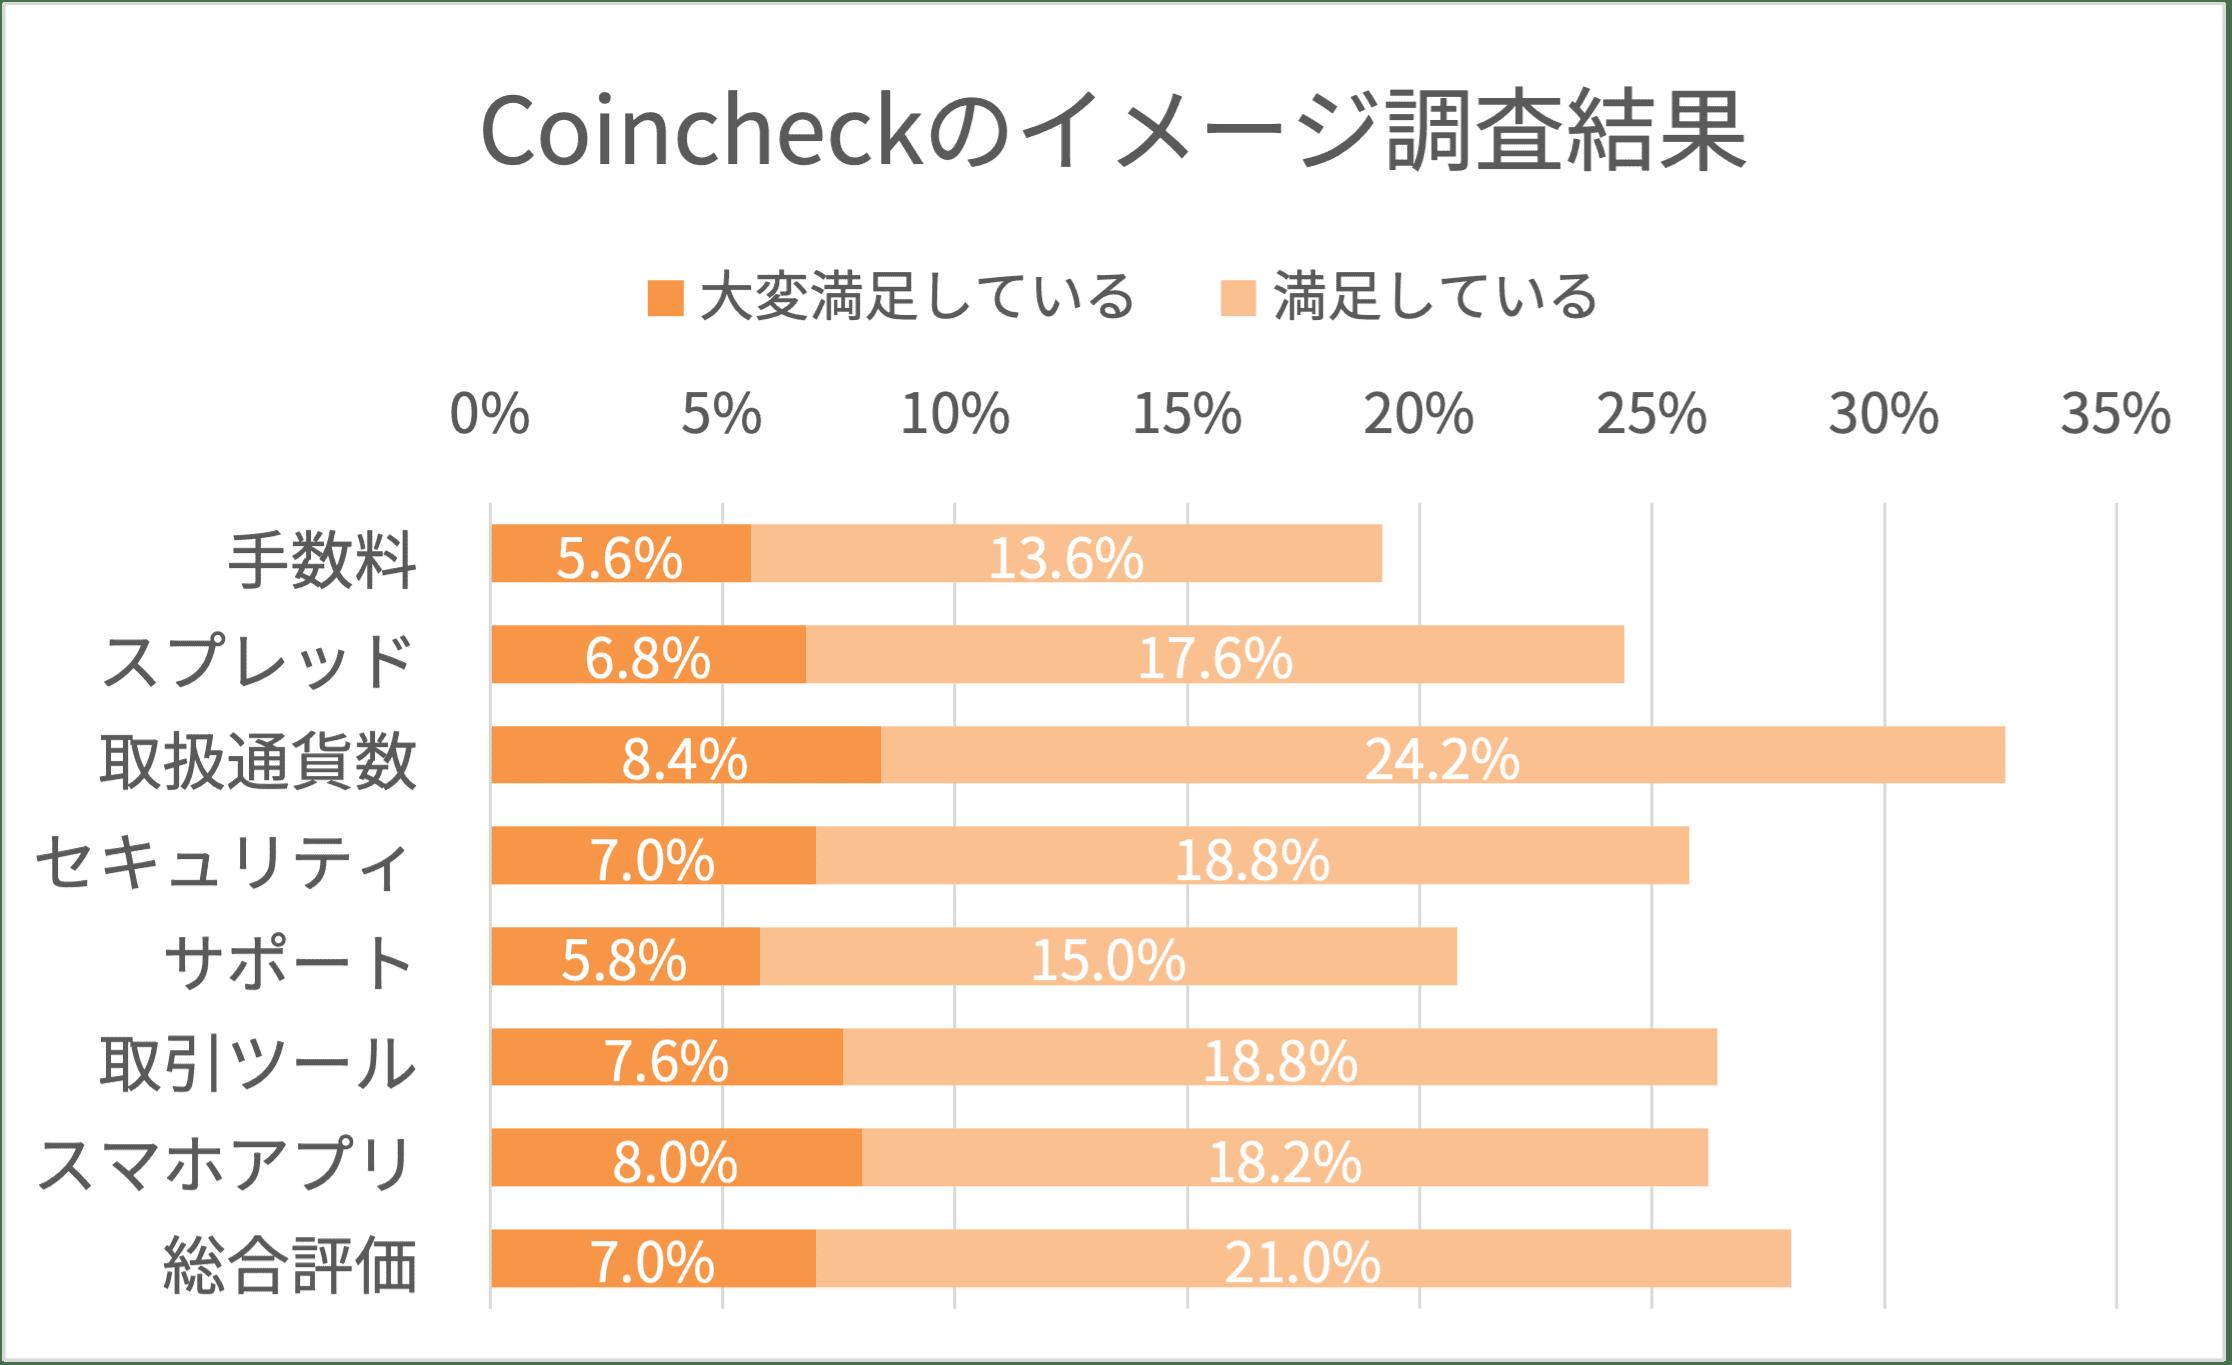 Coincheckのイメージ調査